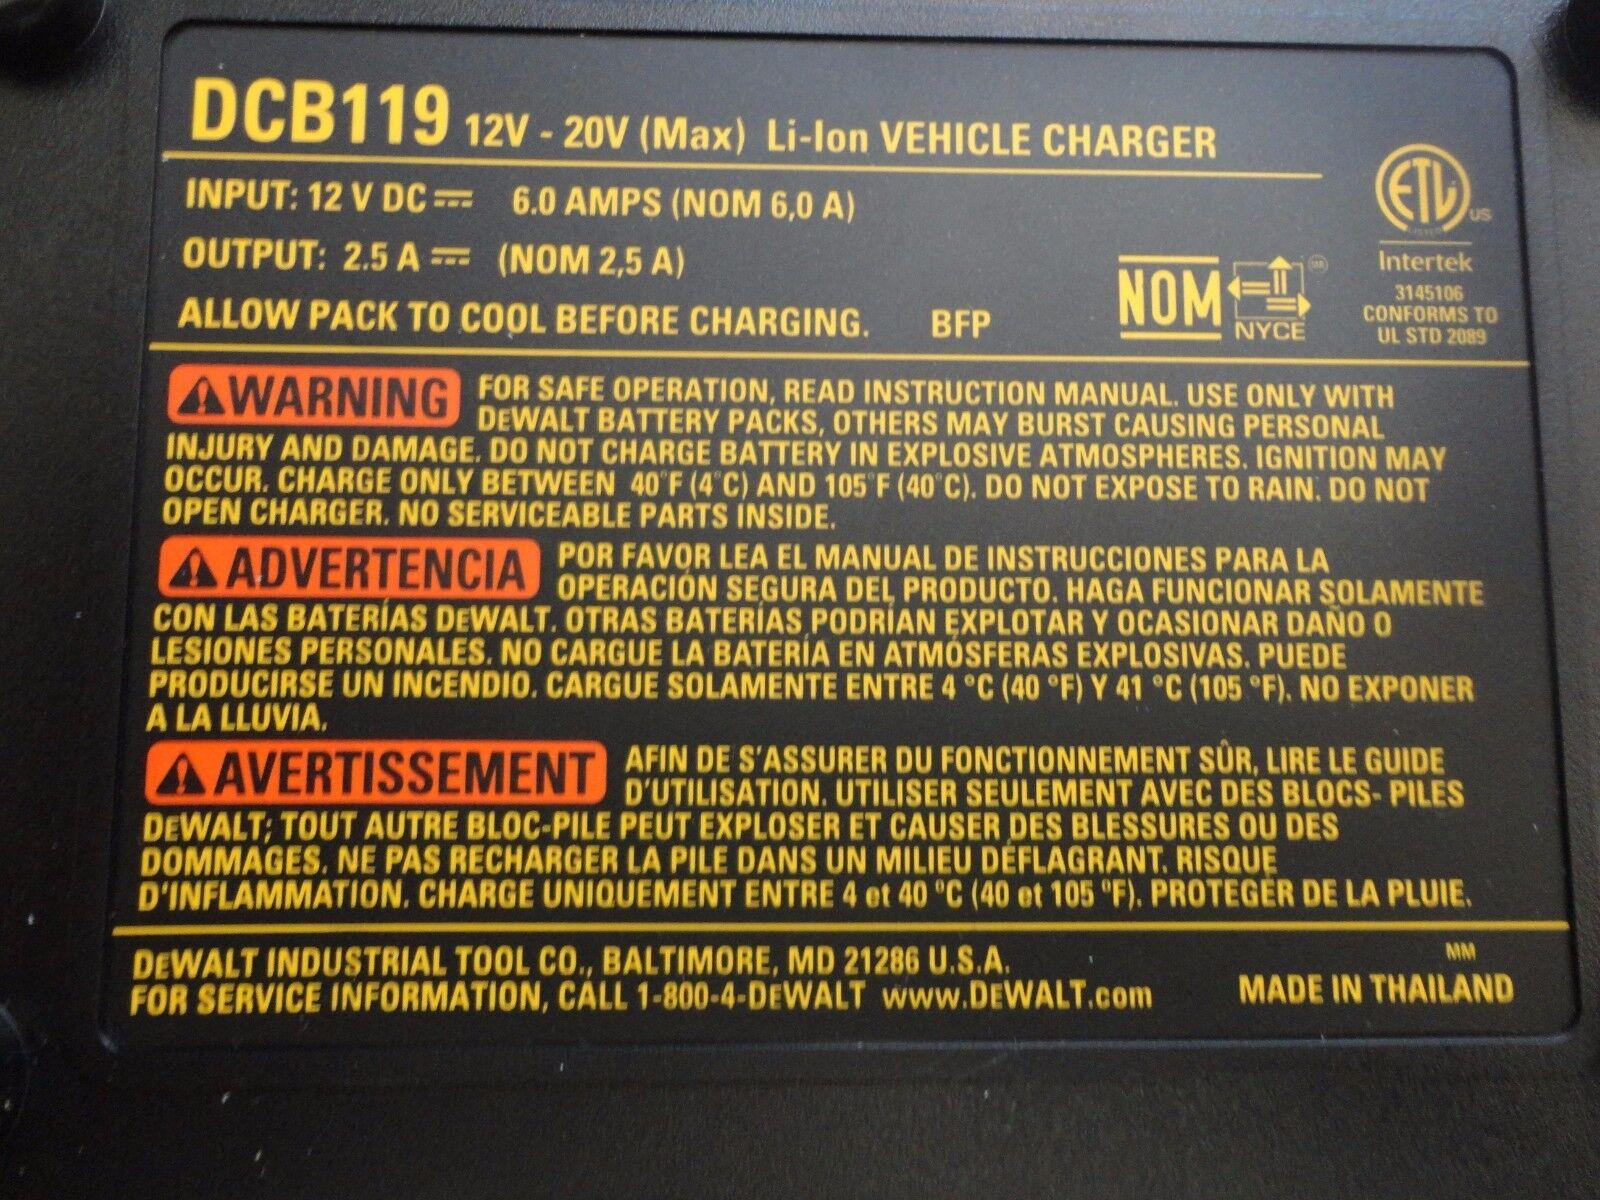 DEWALT DCB119 12V Lithium ion Battery Charger